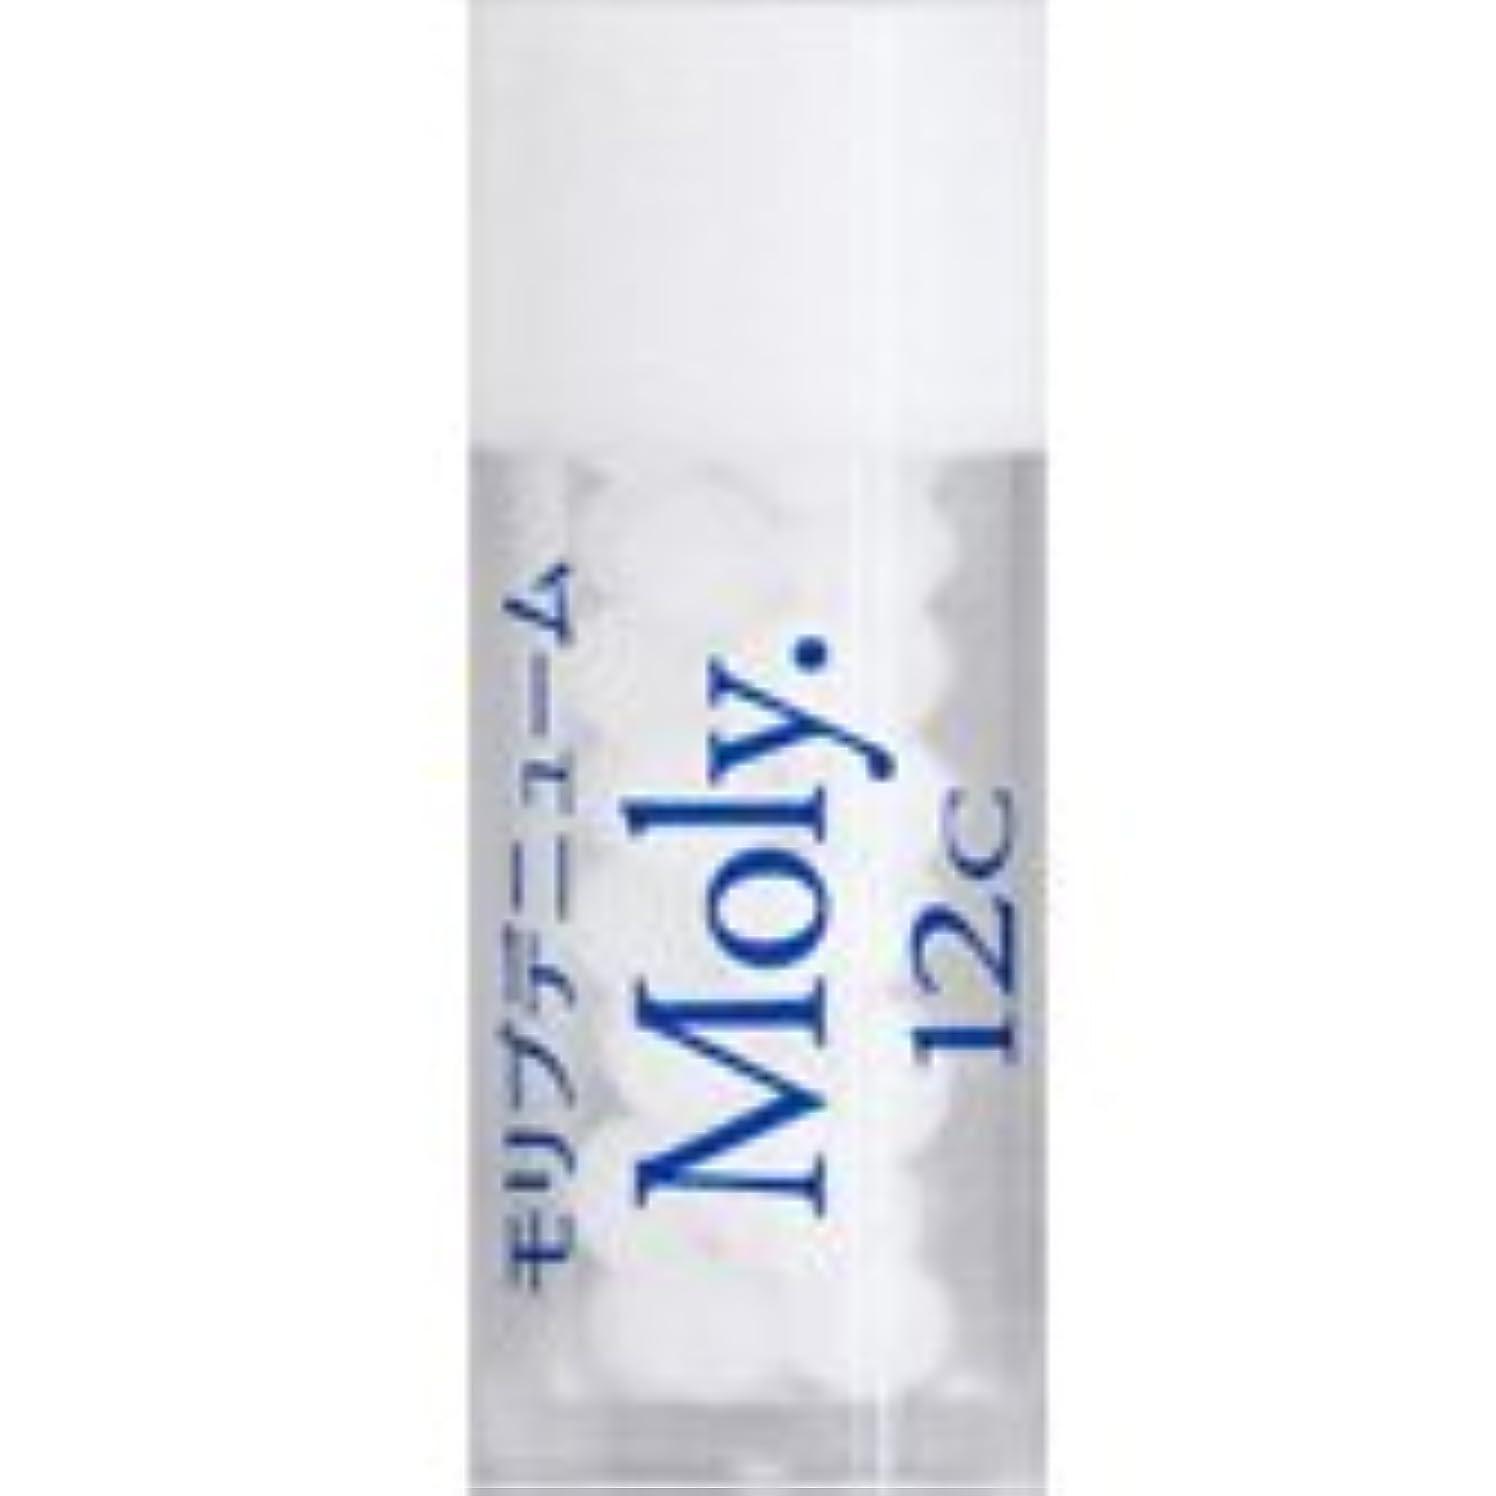 リラックス順応性極小36バイタルエレメントキット 対応 各種 (29)Moly.12C モリブデニューム)